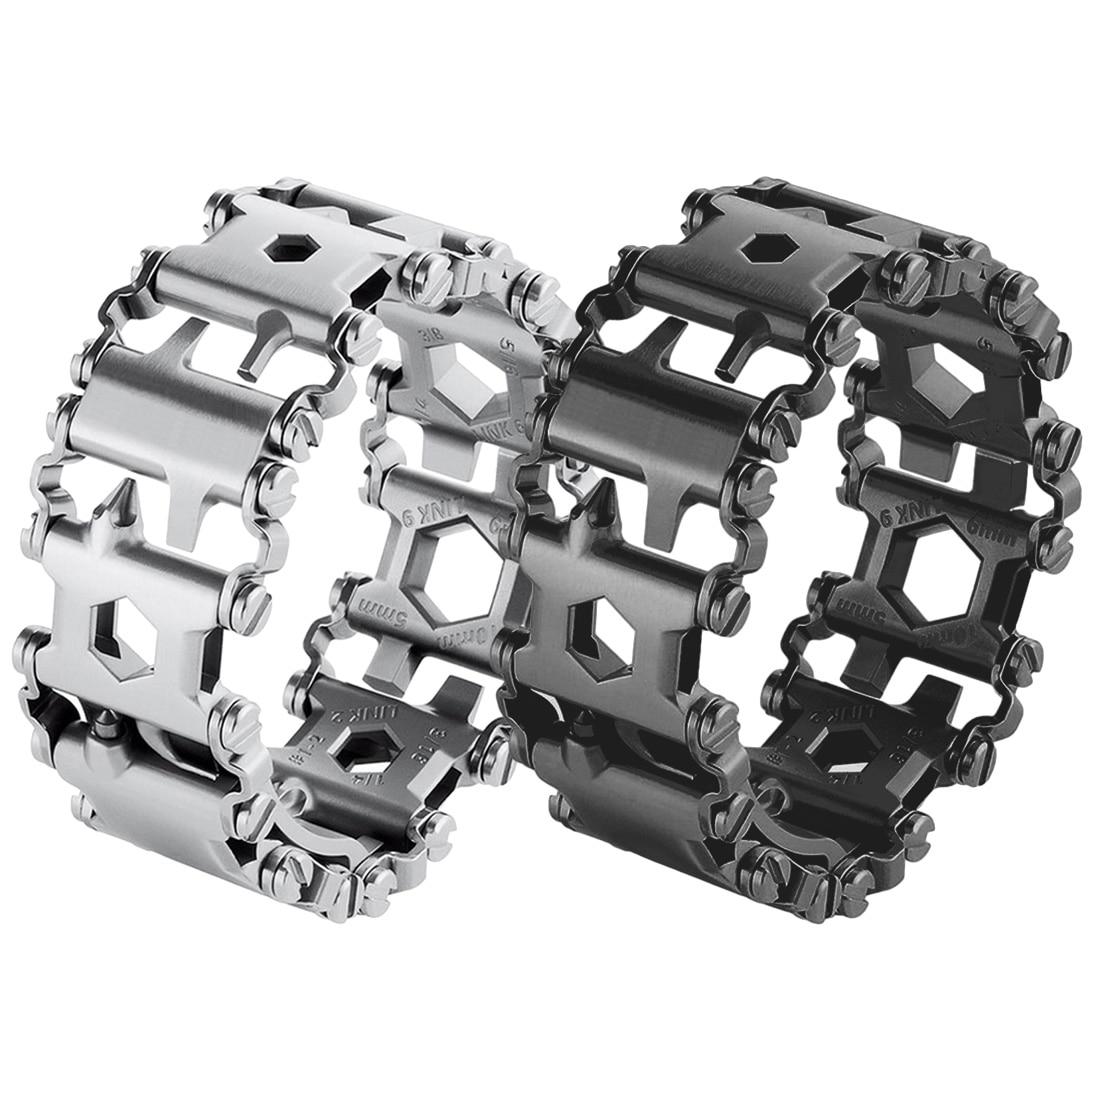 Tout nouveau Bracelet de bande de roulement portable multifonction 29 en 1 tournevis multifonction Kit d'urgence en plein air multi-outil